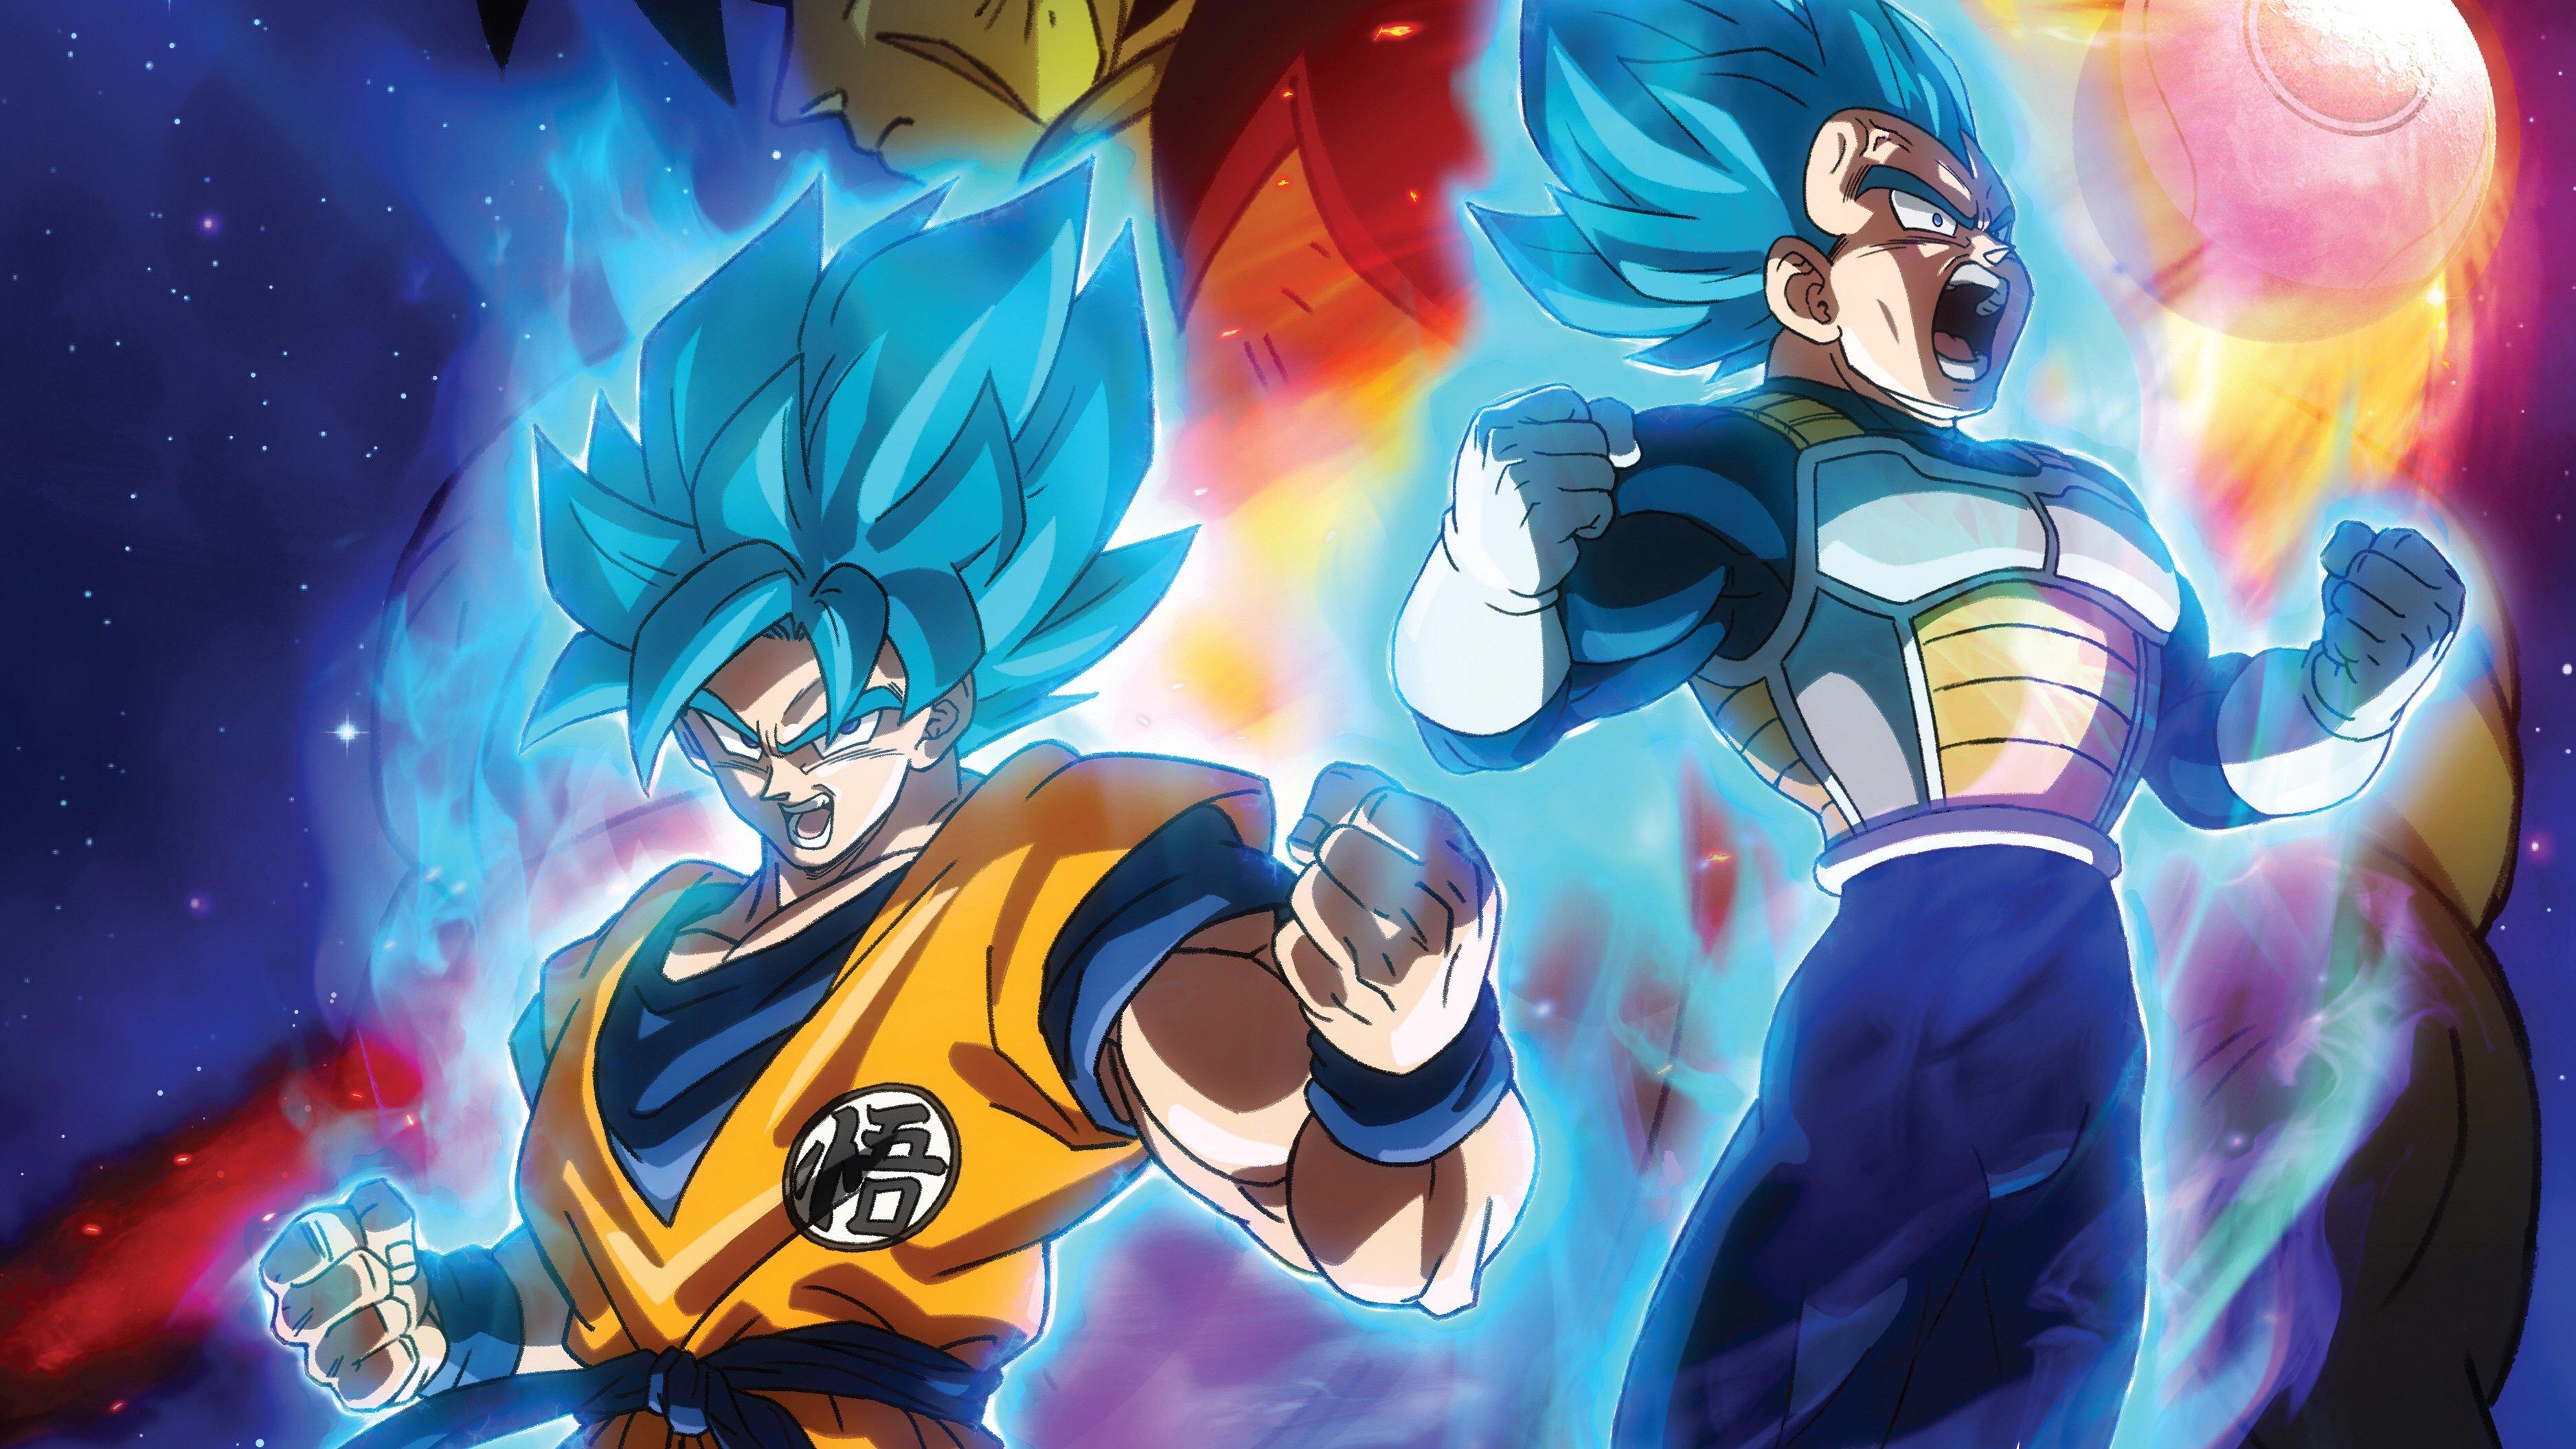 Fondos de pantalla Anime Goku y Vegeta en Película Dragon Ball Super Broly